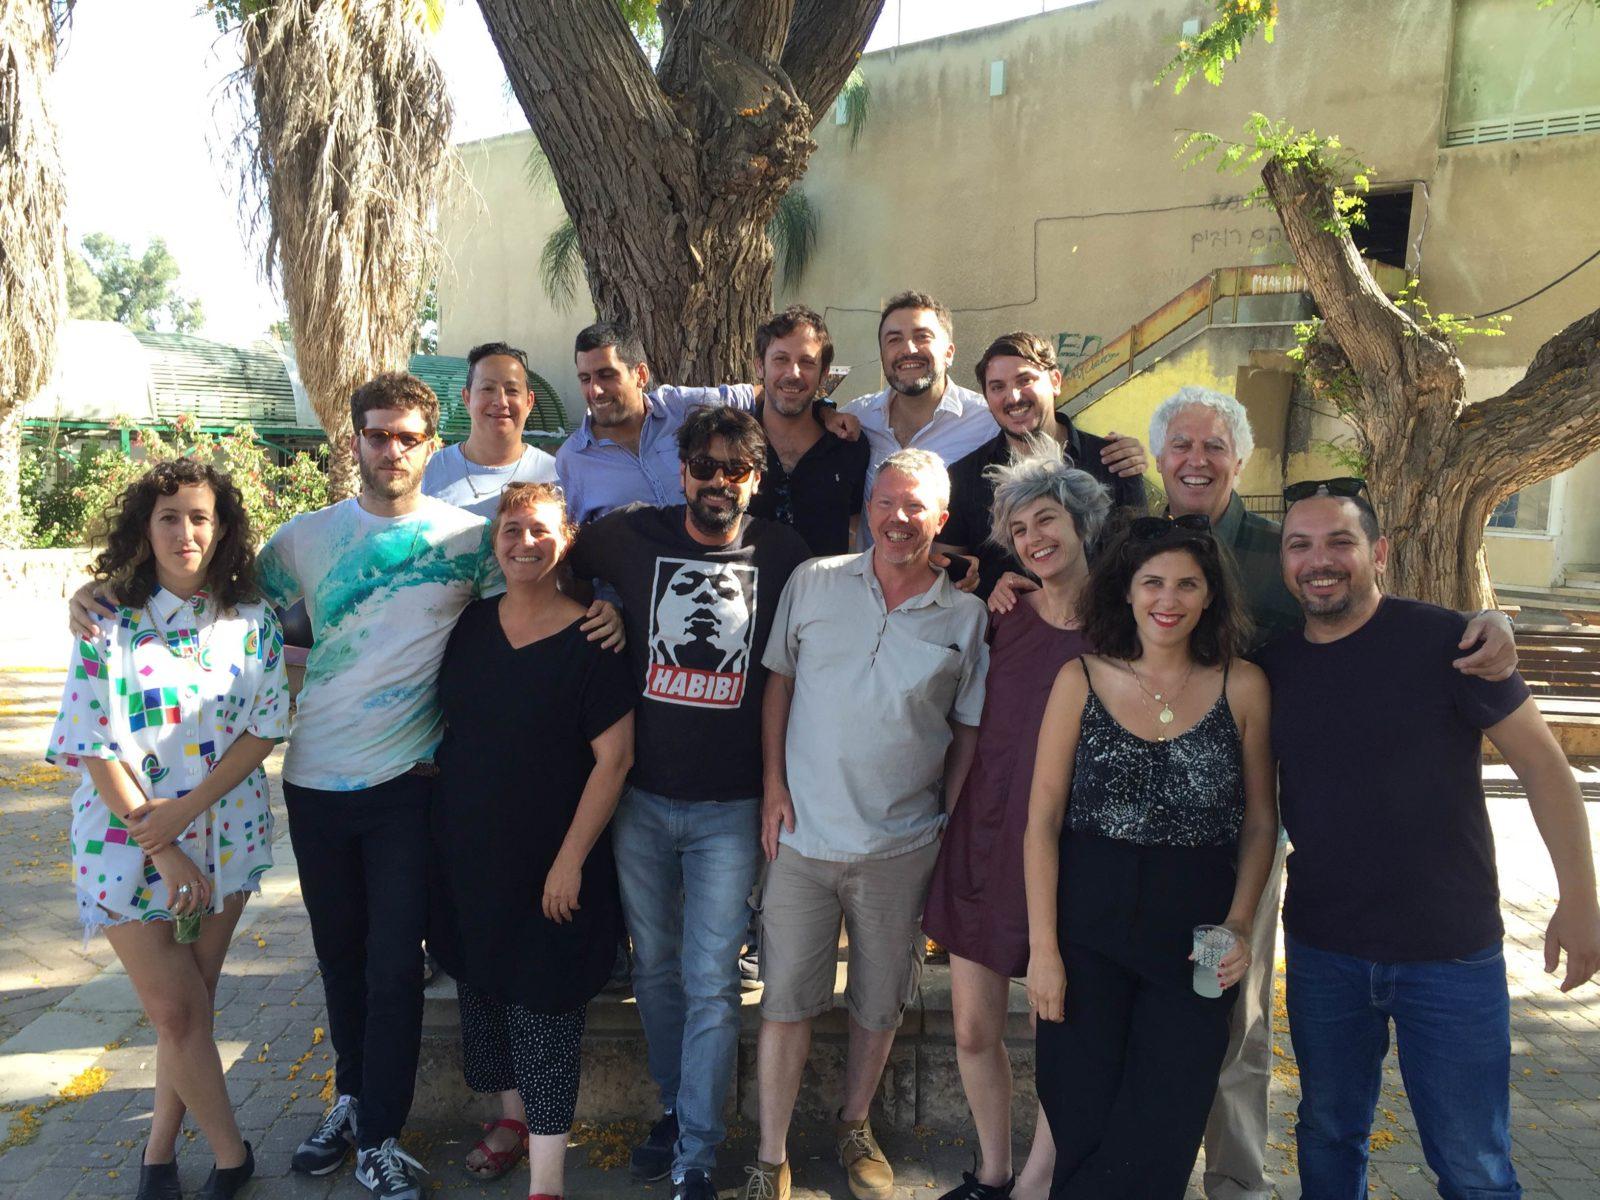 2016 Studio Darom group photo in Sderot